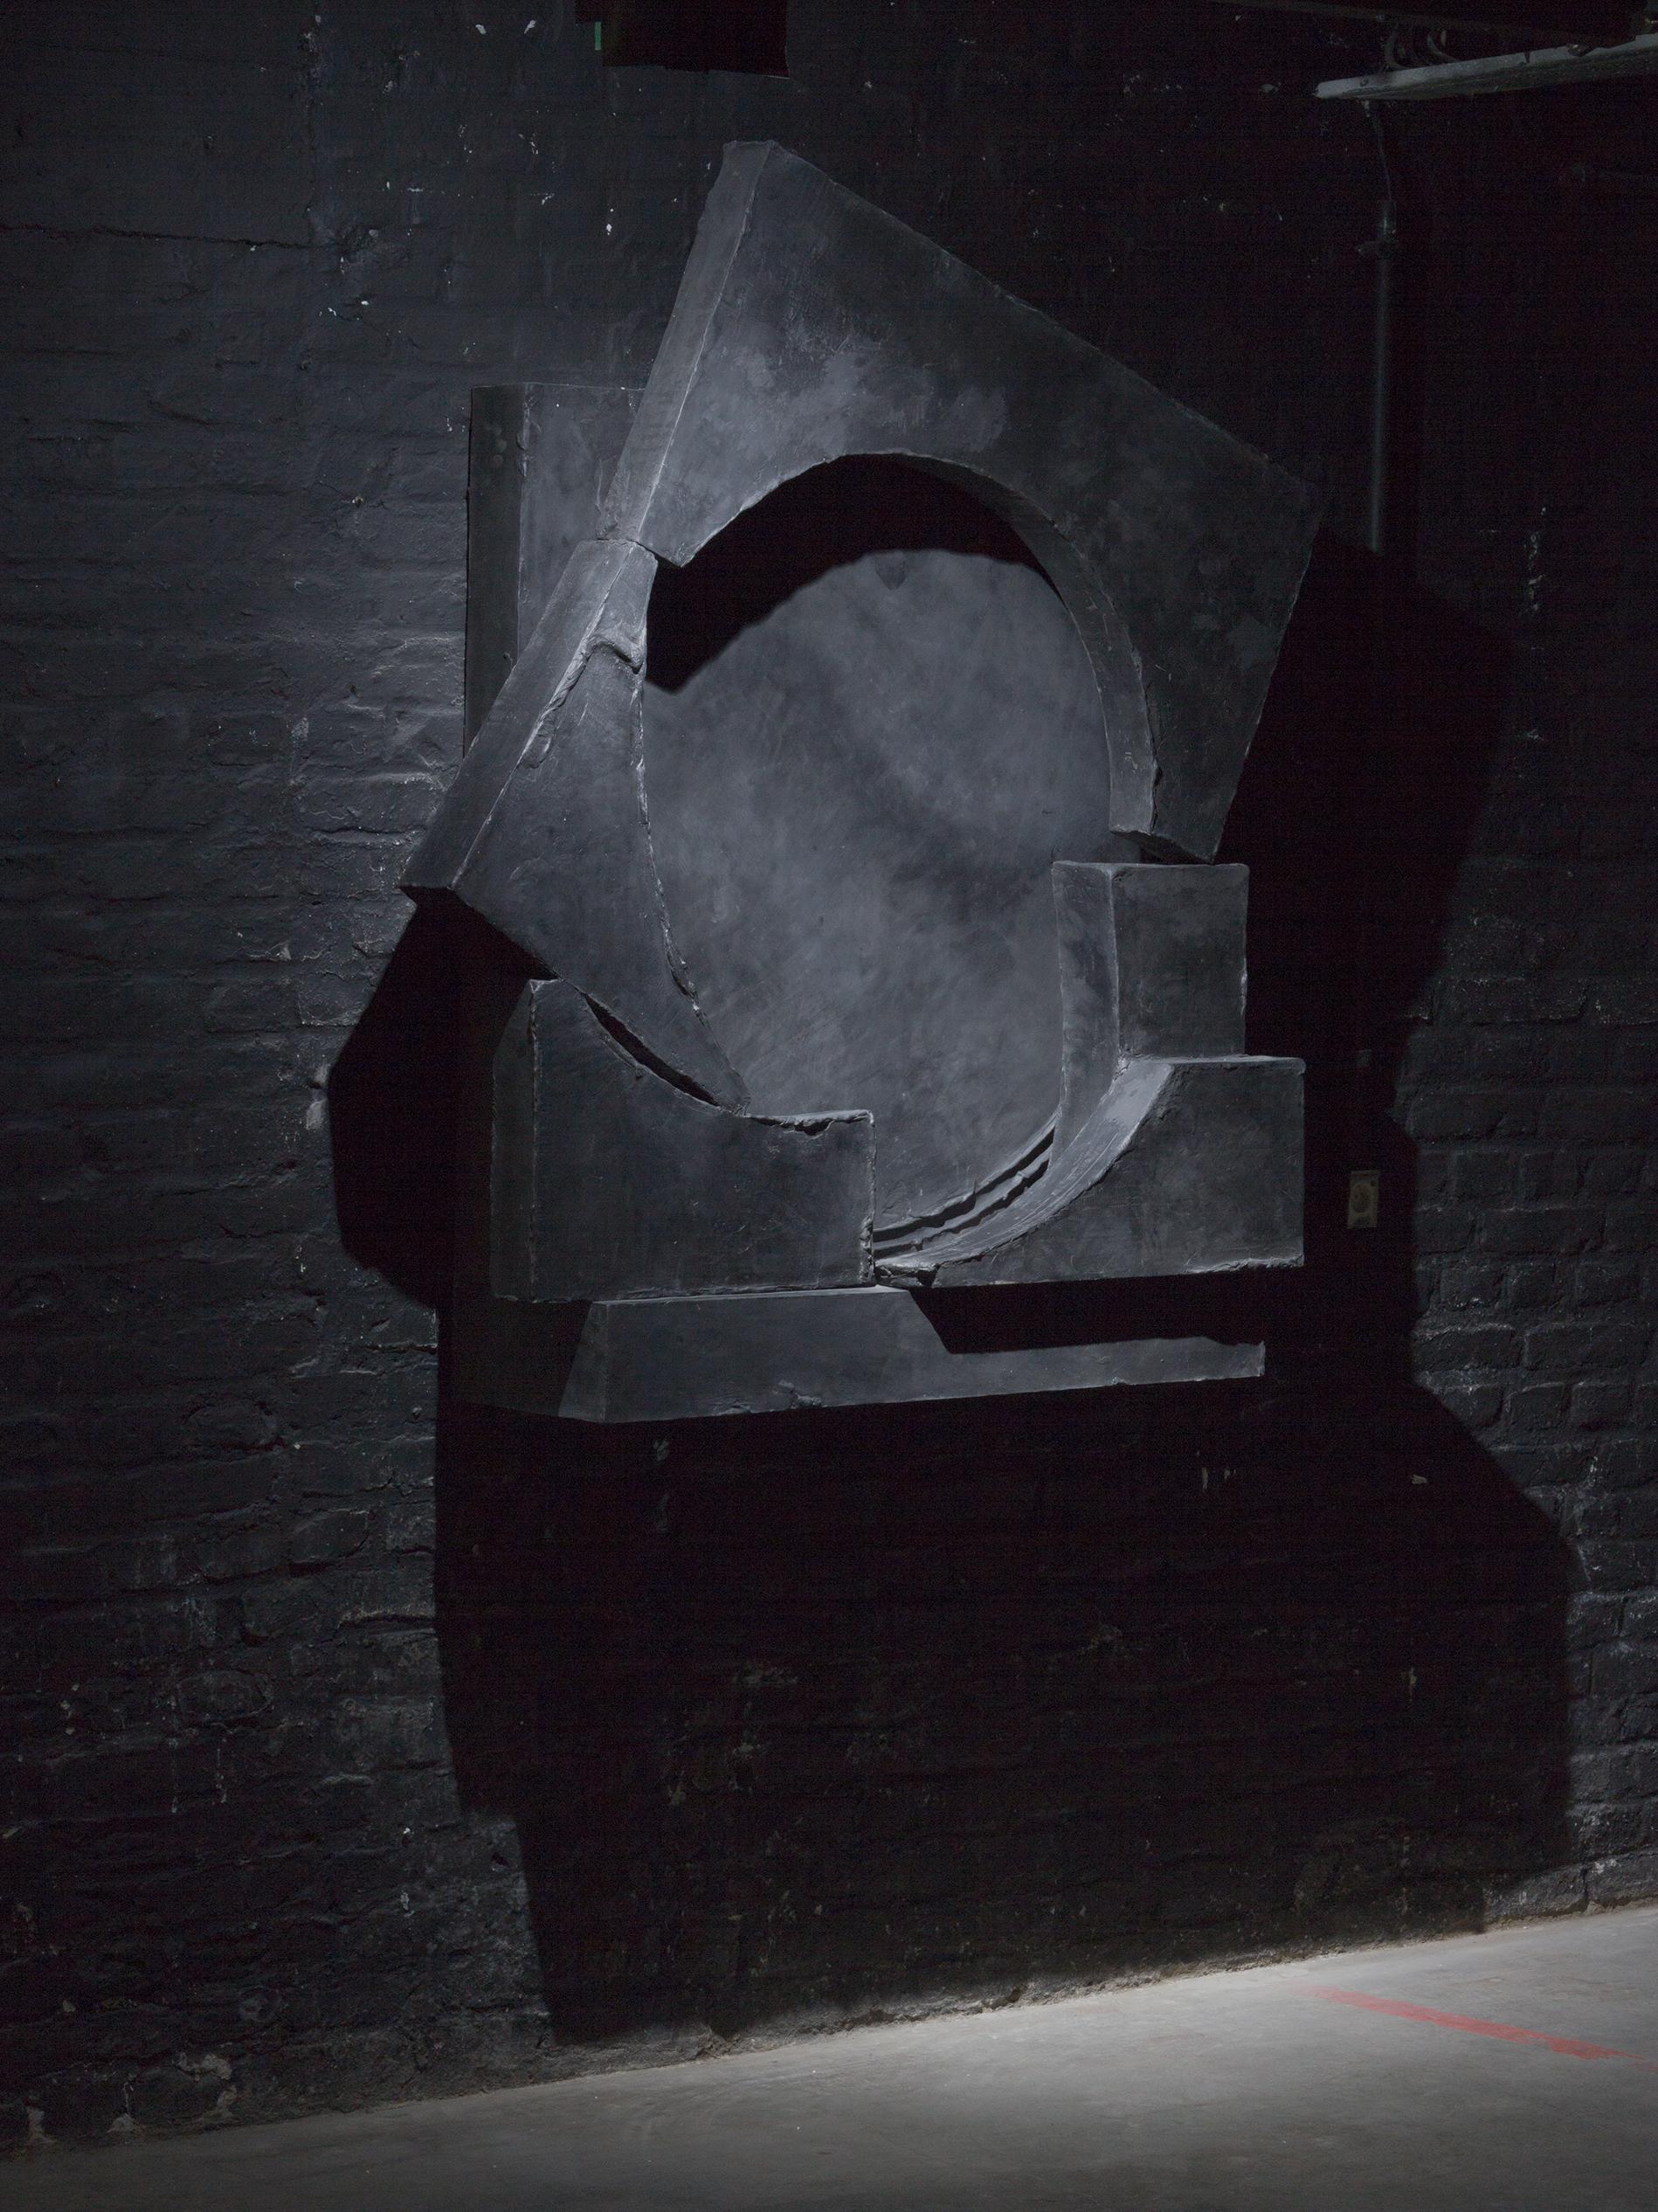 """Teresa, 2018 - black sculpture by Erik Andersen - Installation view of the exhibition """"Ecstasies Teresa"""", Alte Münze, Berlin"""